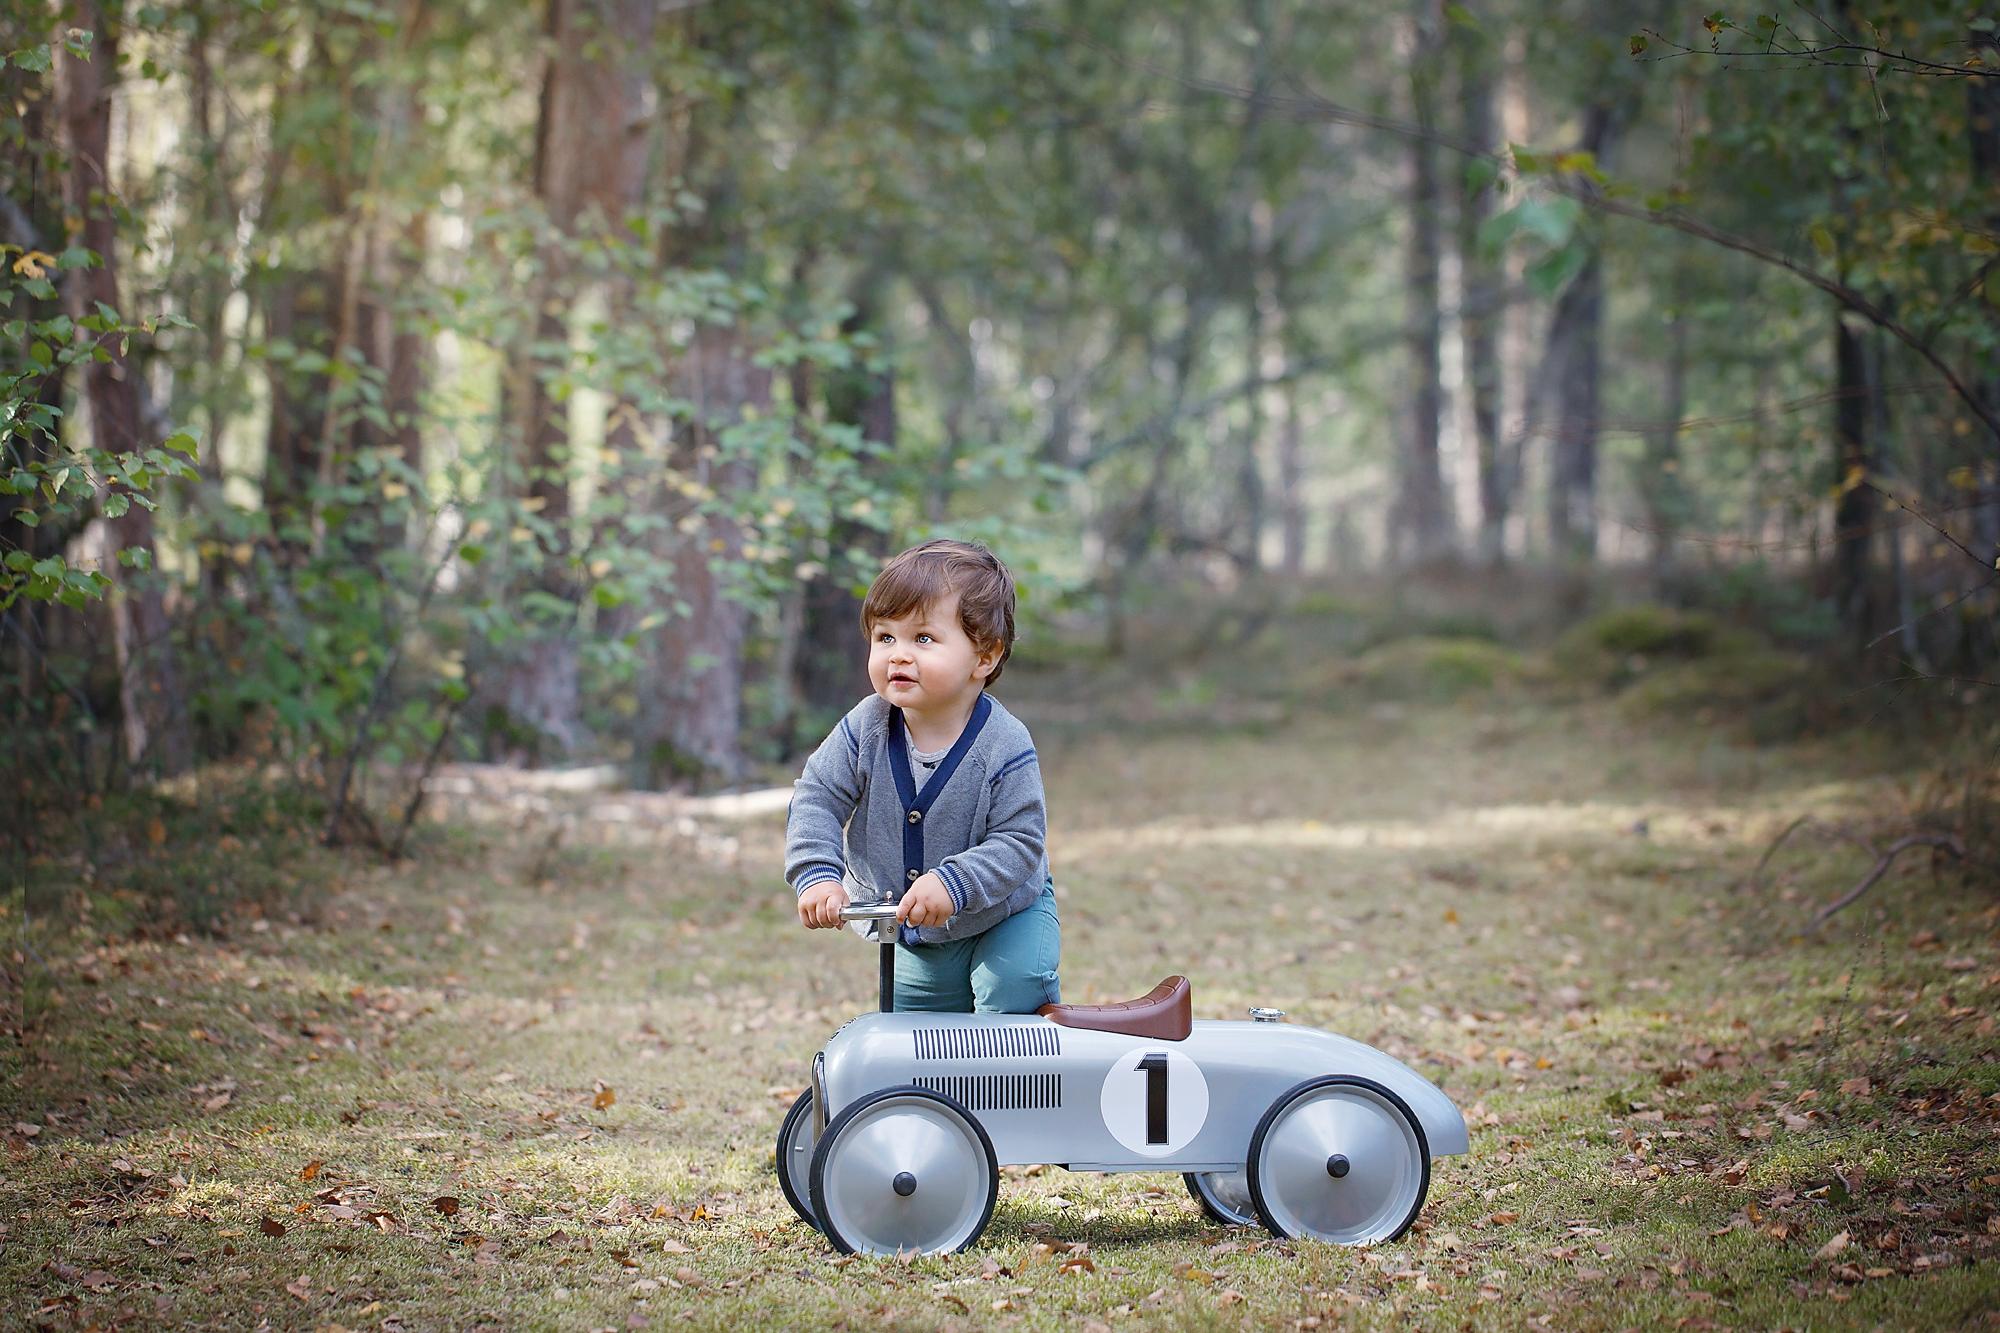 photographe-enfant-paris-orleans-basile-et-capucine